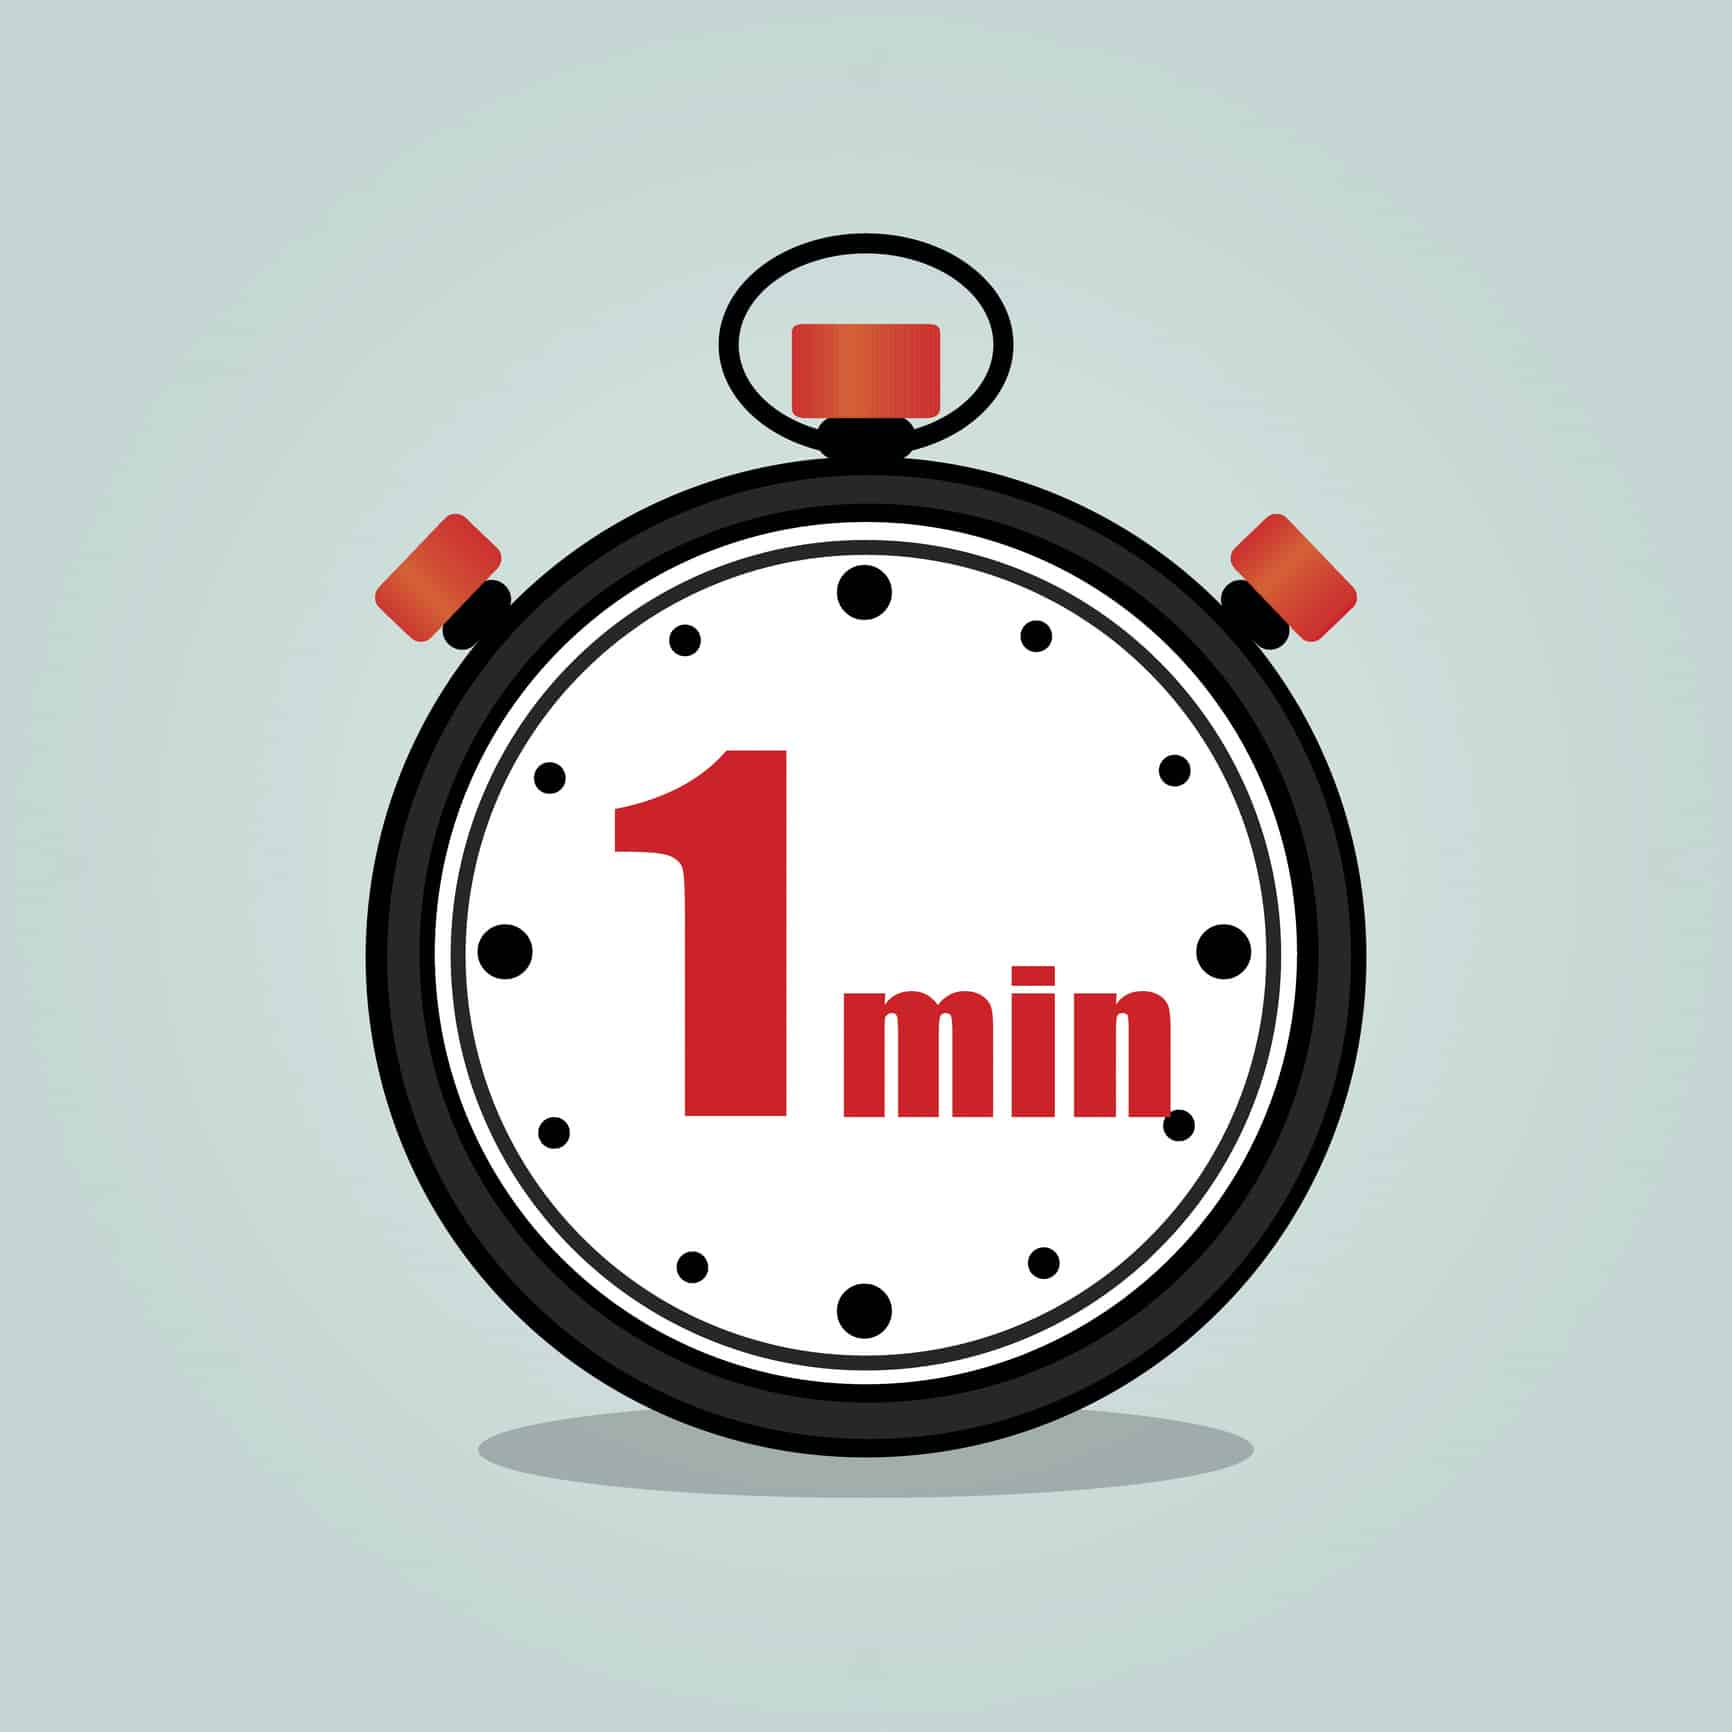 Mit nur 1 Minute pro Tag kann man jedes berufliche Ziel erreichen